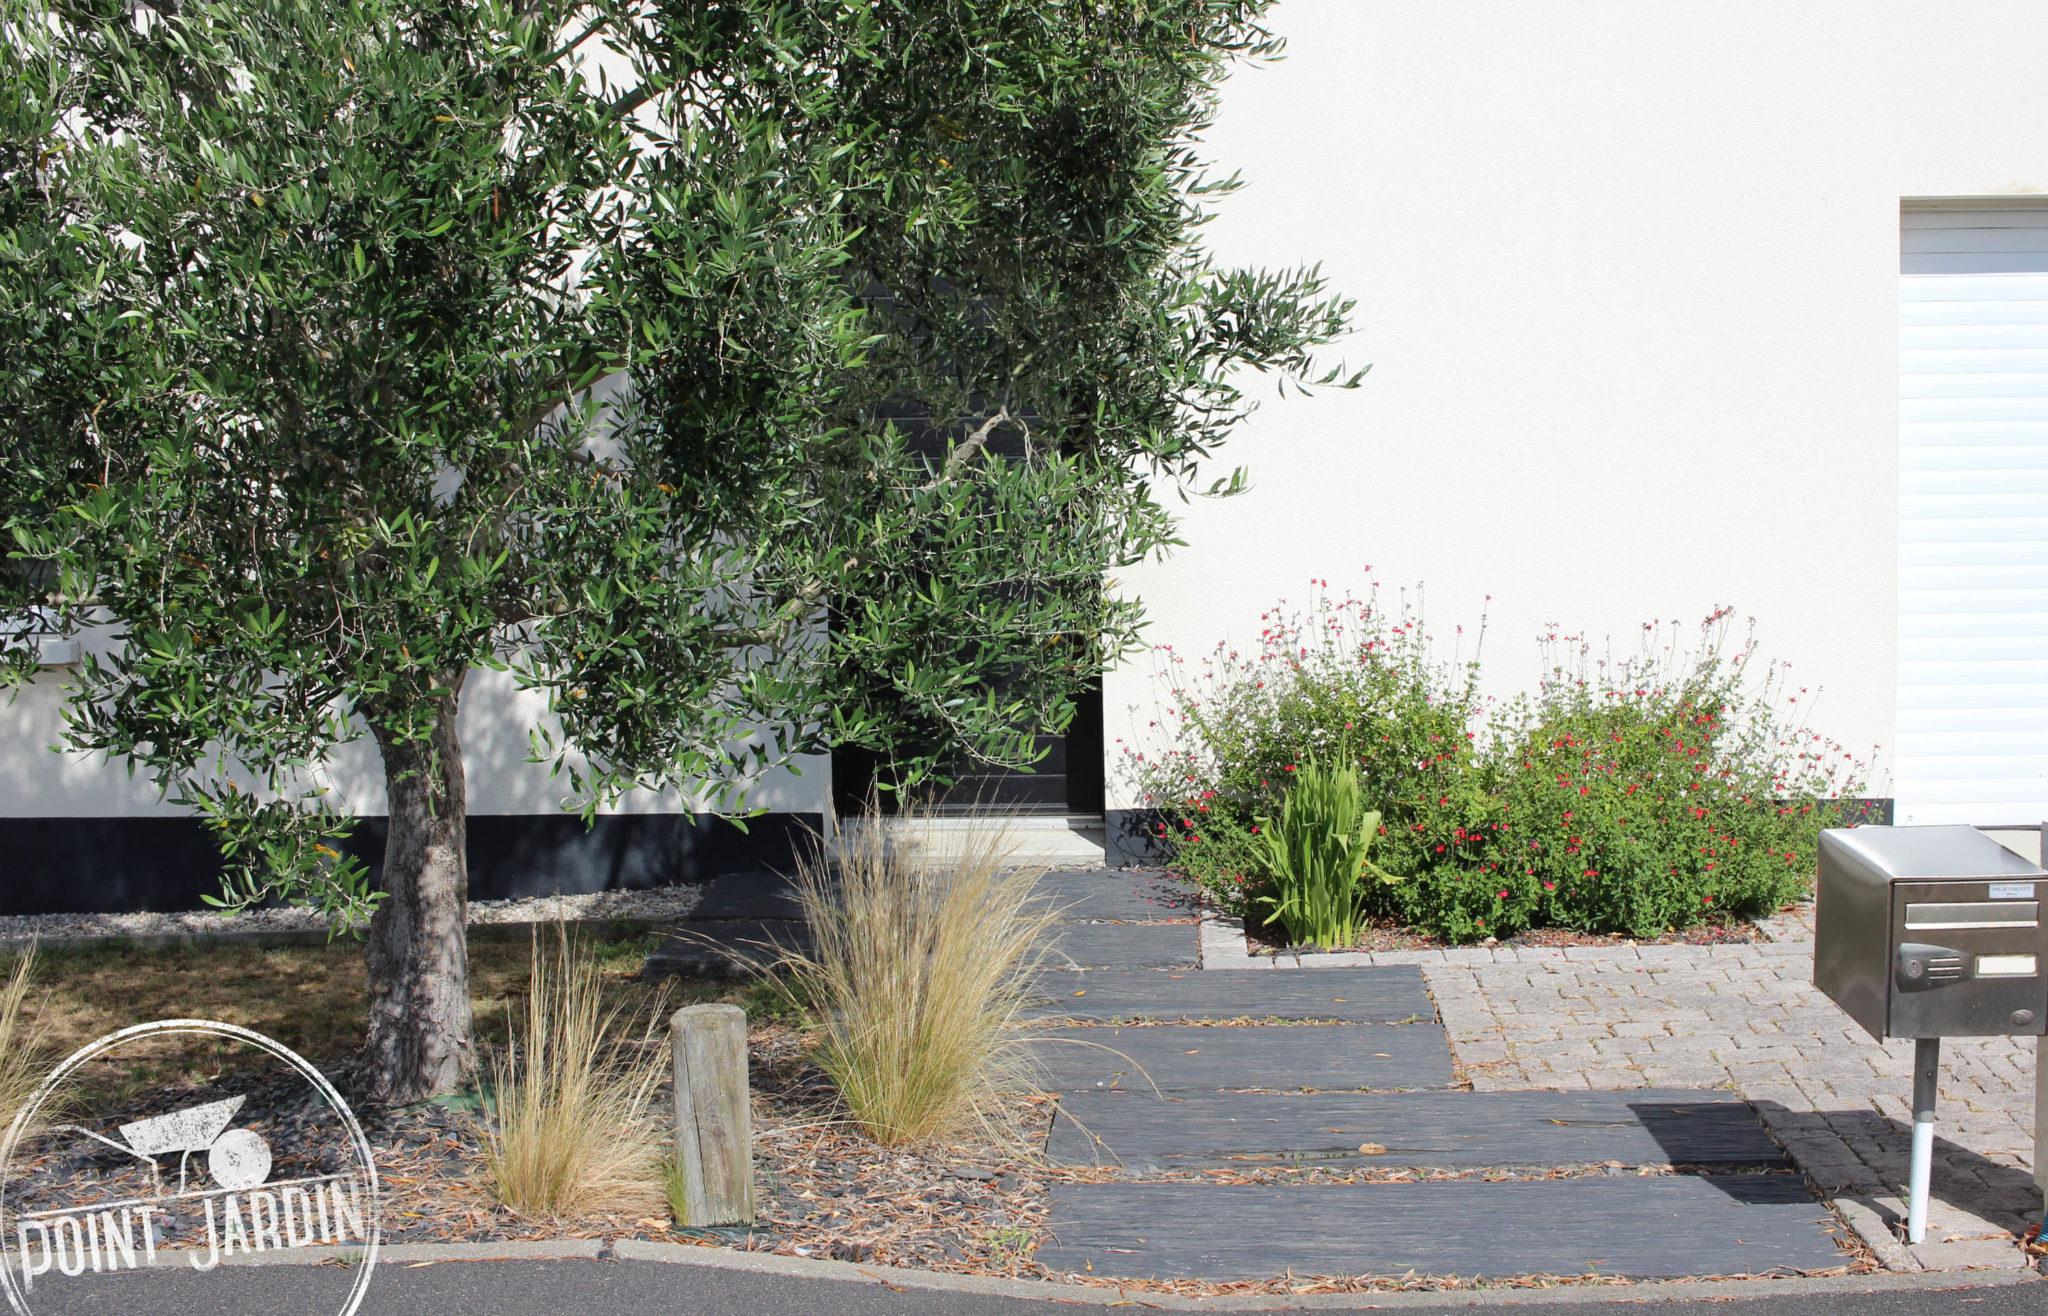 Allee-Entree-Maison-Ardoise - Point Jardin avec Allée Entrée Maison Contemporaine